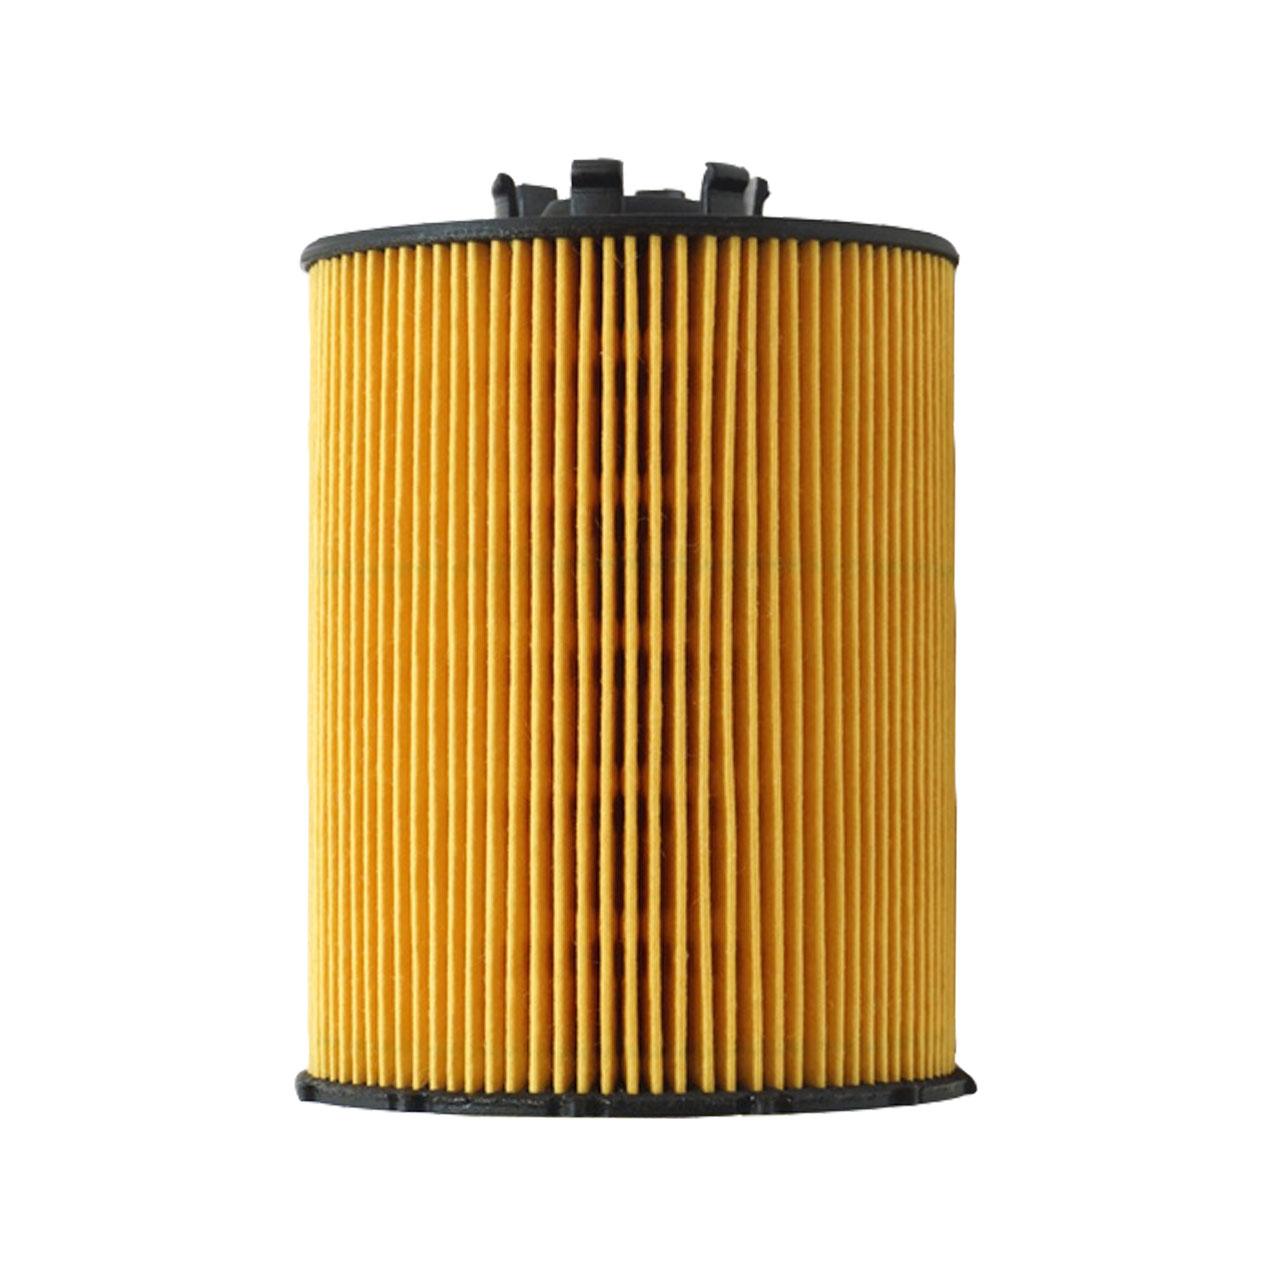 فیلتر روغن خودرو بی ام دبلیو مدل N62N73 مناسب برای بی ام دبلیو 740i و 750i